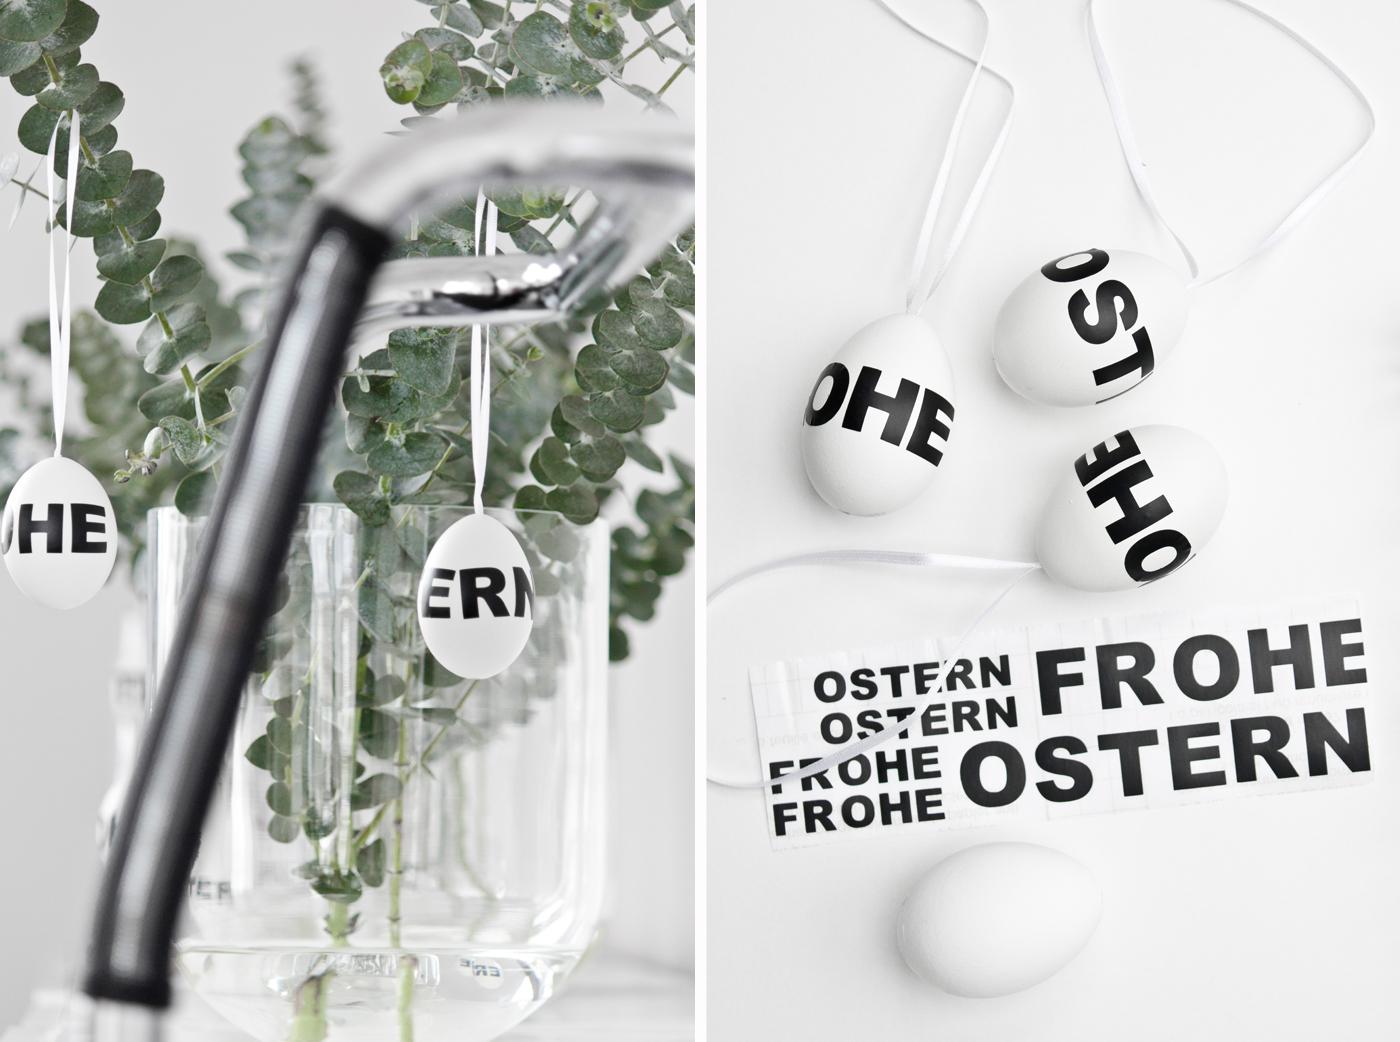 Osterdeko: Zweige in Glasvasen von DEPOT.